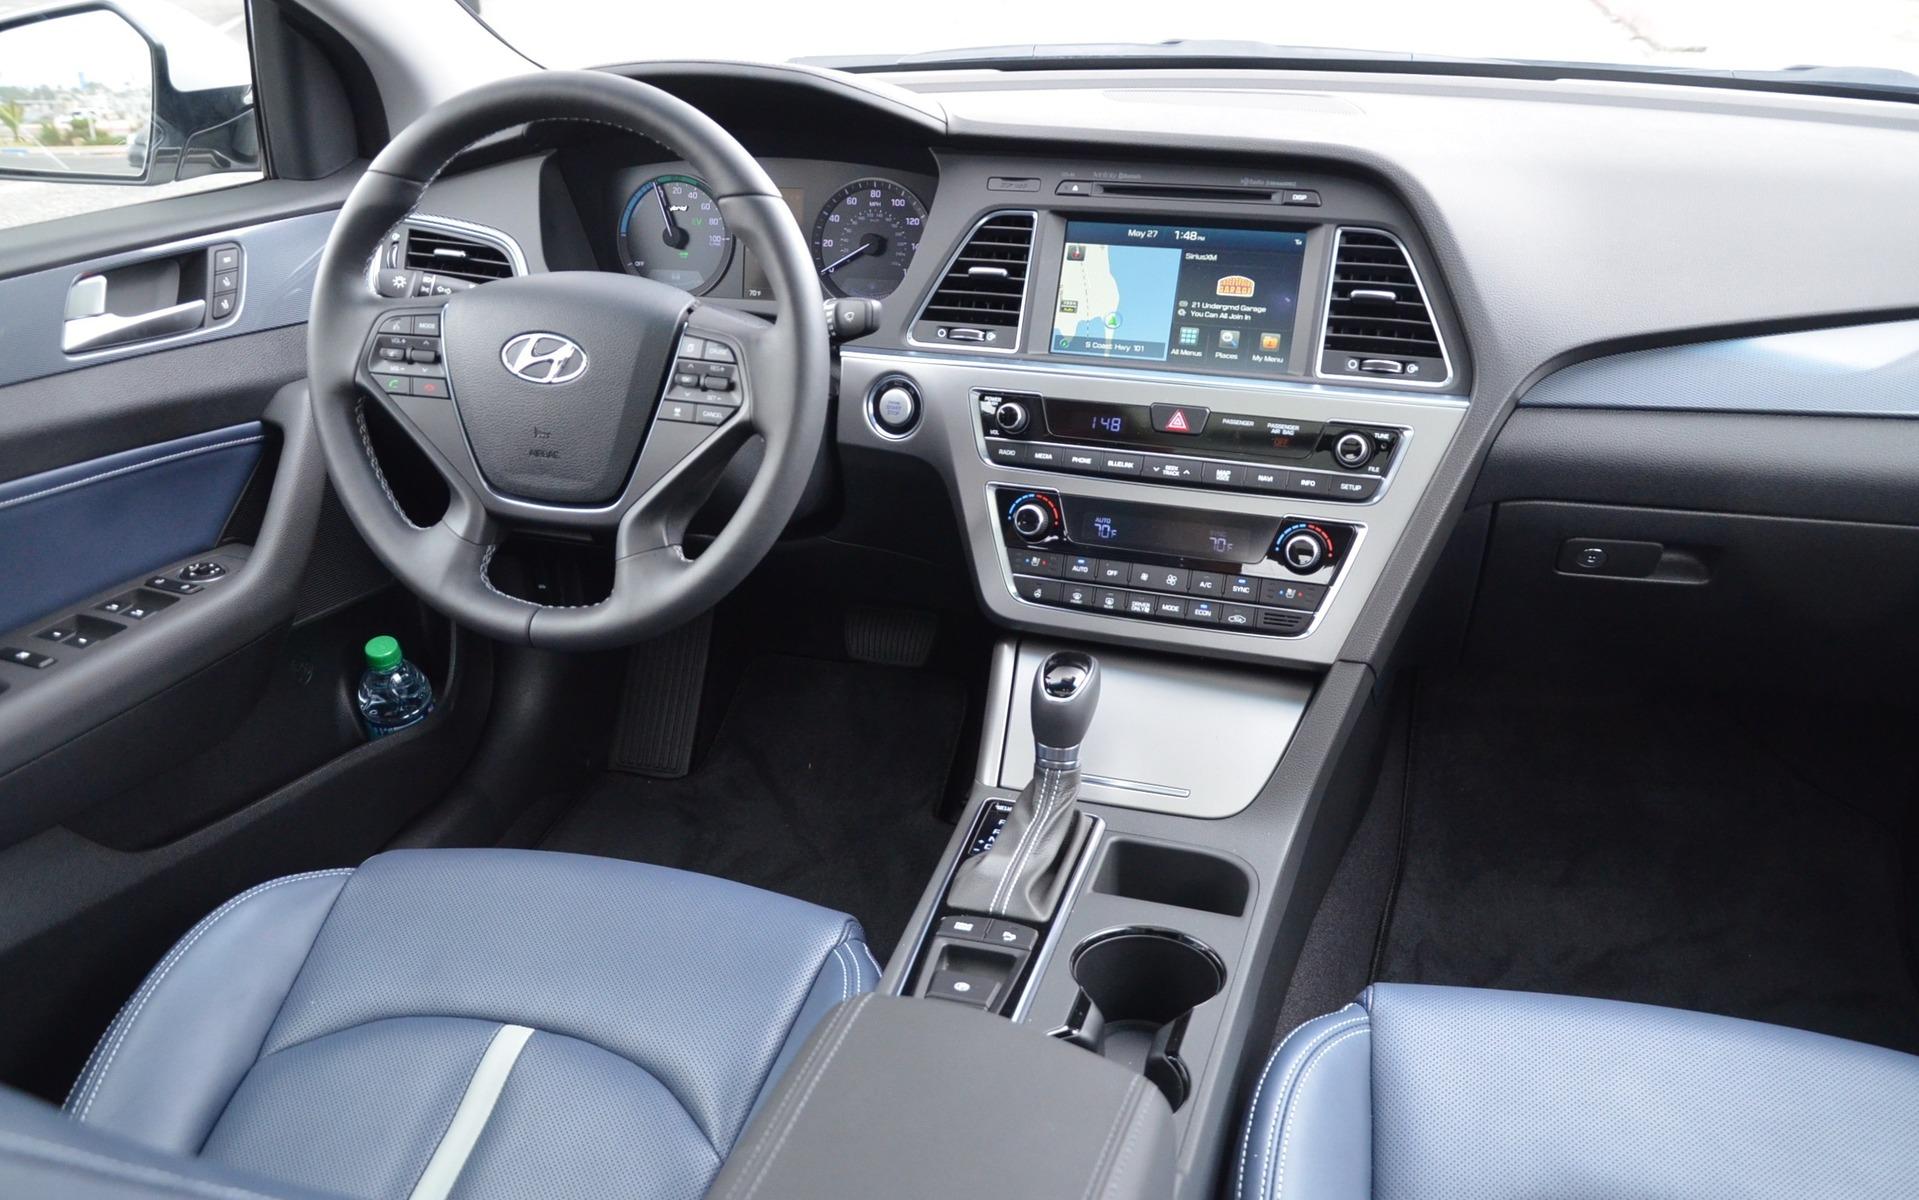 Hyundai Sonata Hybrid 2016 - Habitacle avec sellerie de couleur bleue.